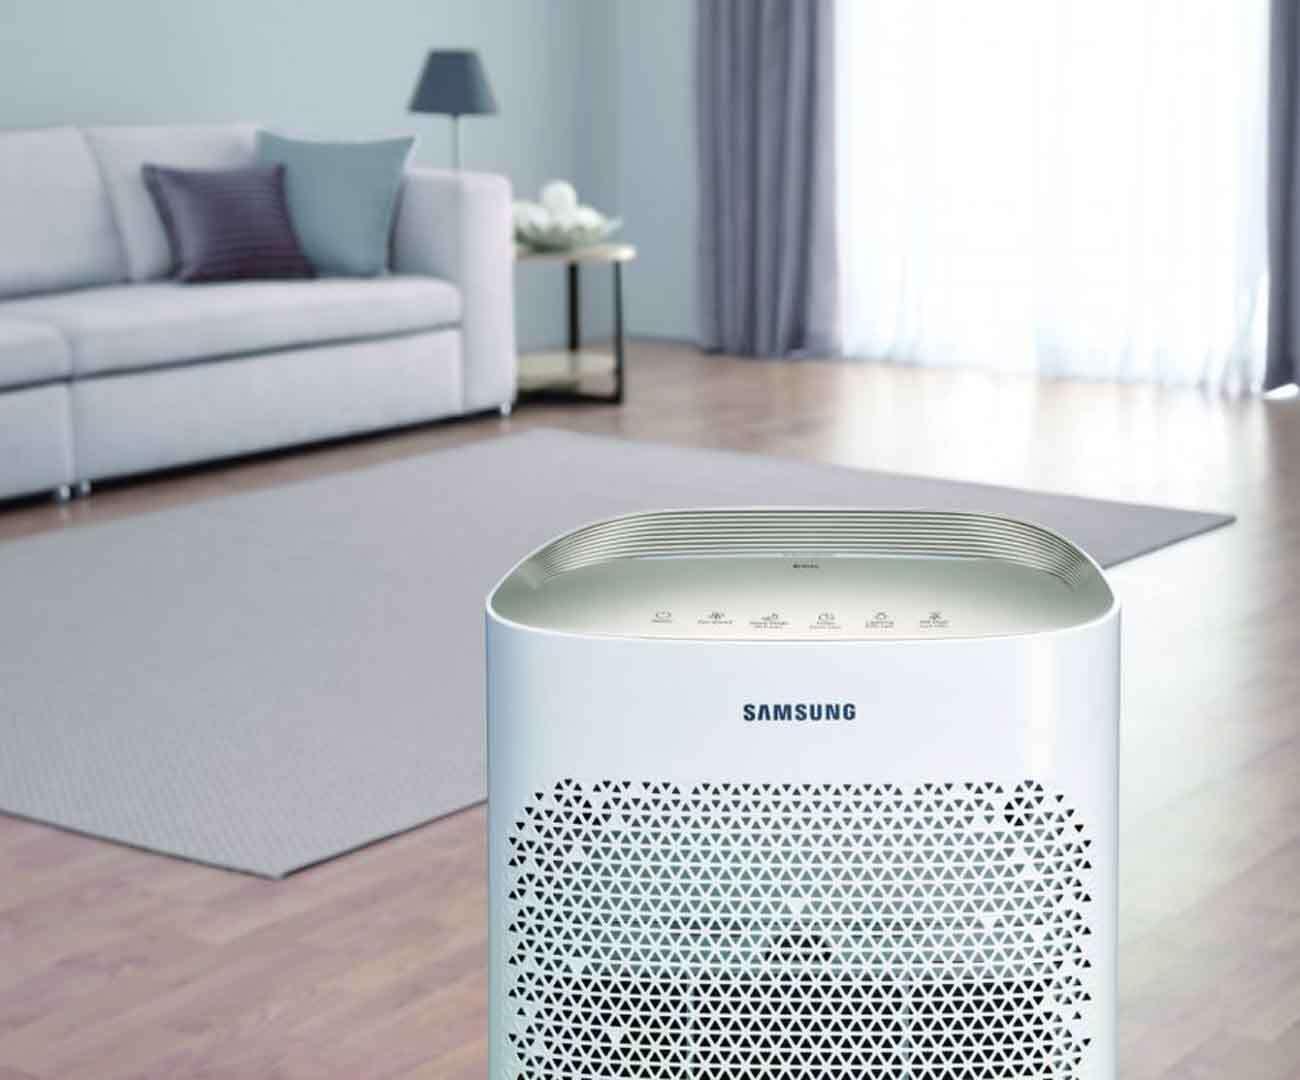 Oczyszczacz Samsung ze złotym panelem, ale jakie jest jego zastosowanie?